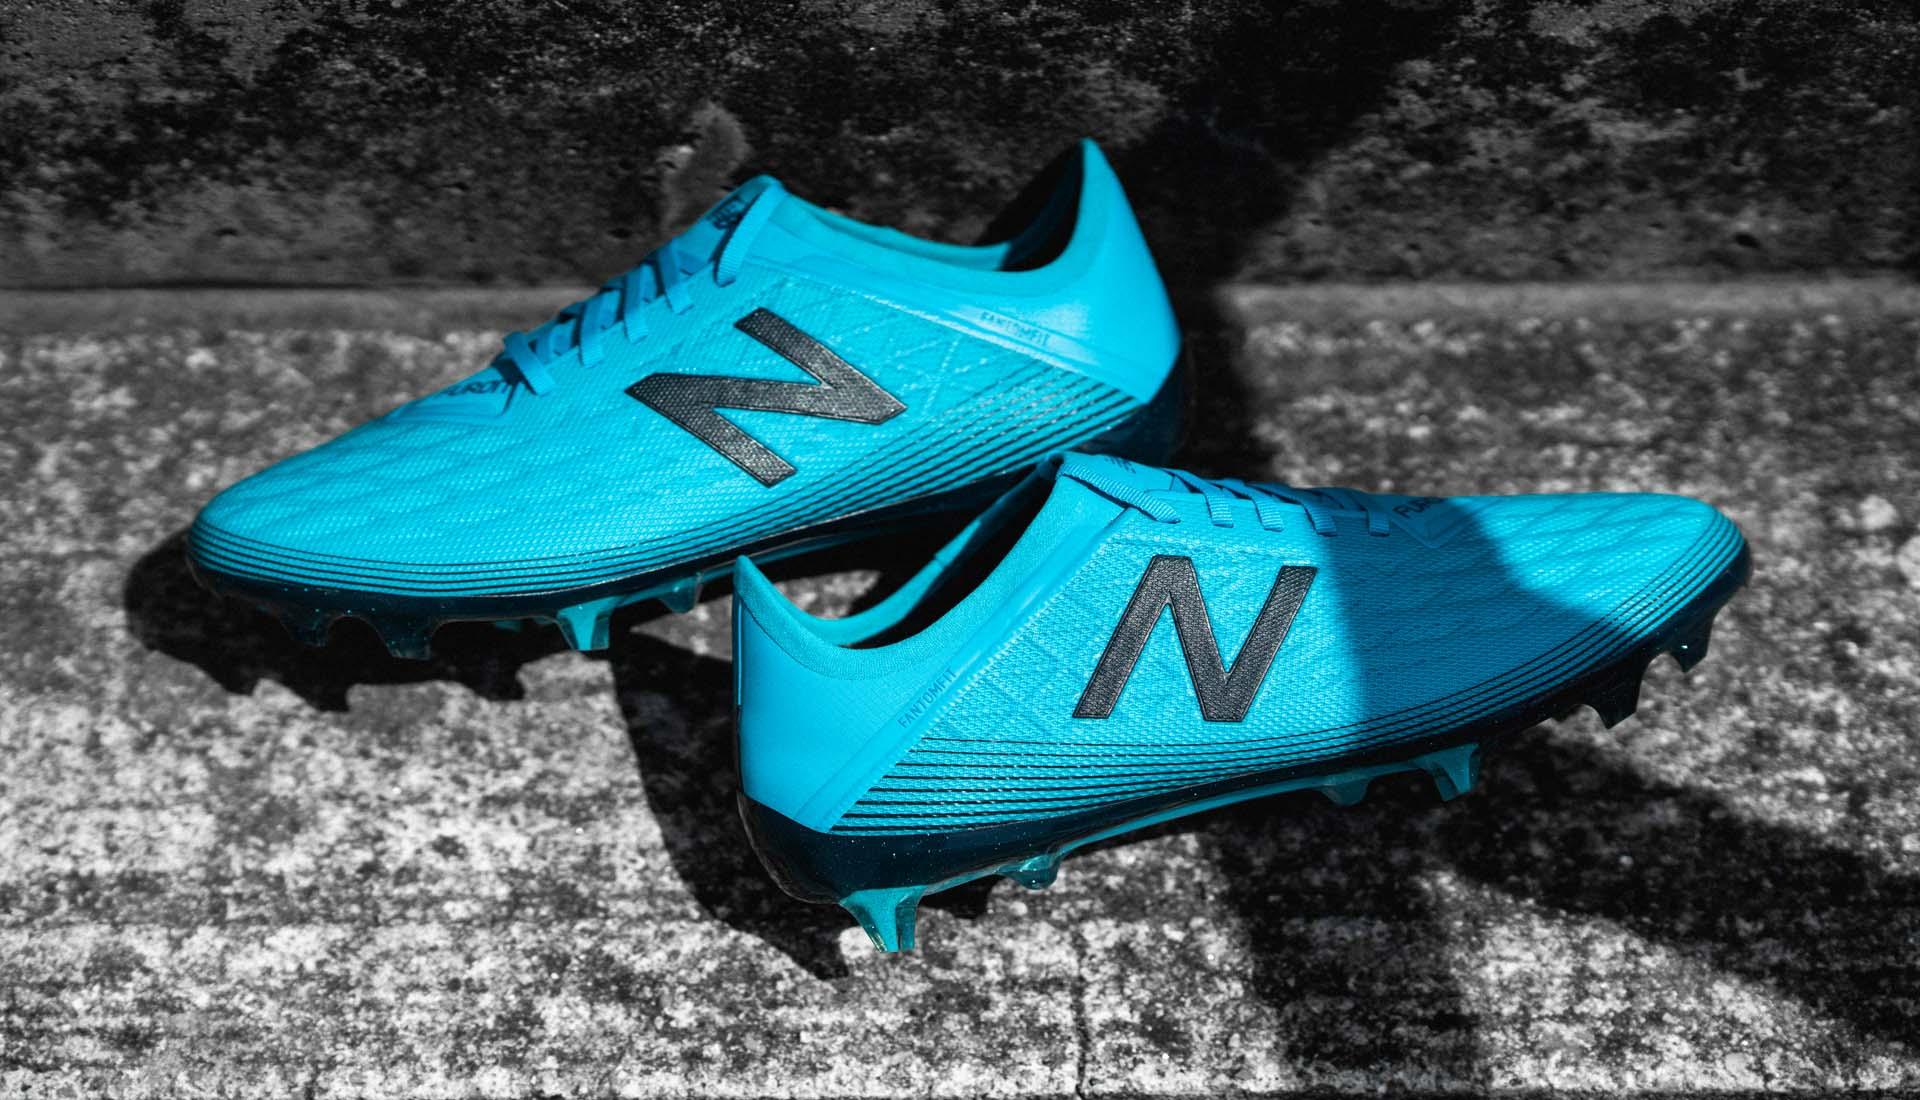 Bất ngờ trước vẻ đẹp tinh tế của giày đá bóng New Balance Furon v5